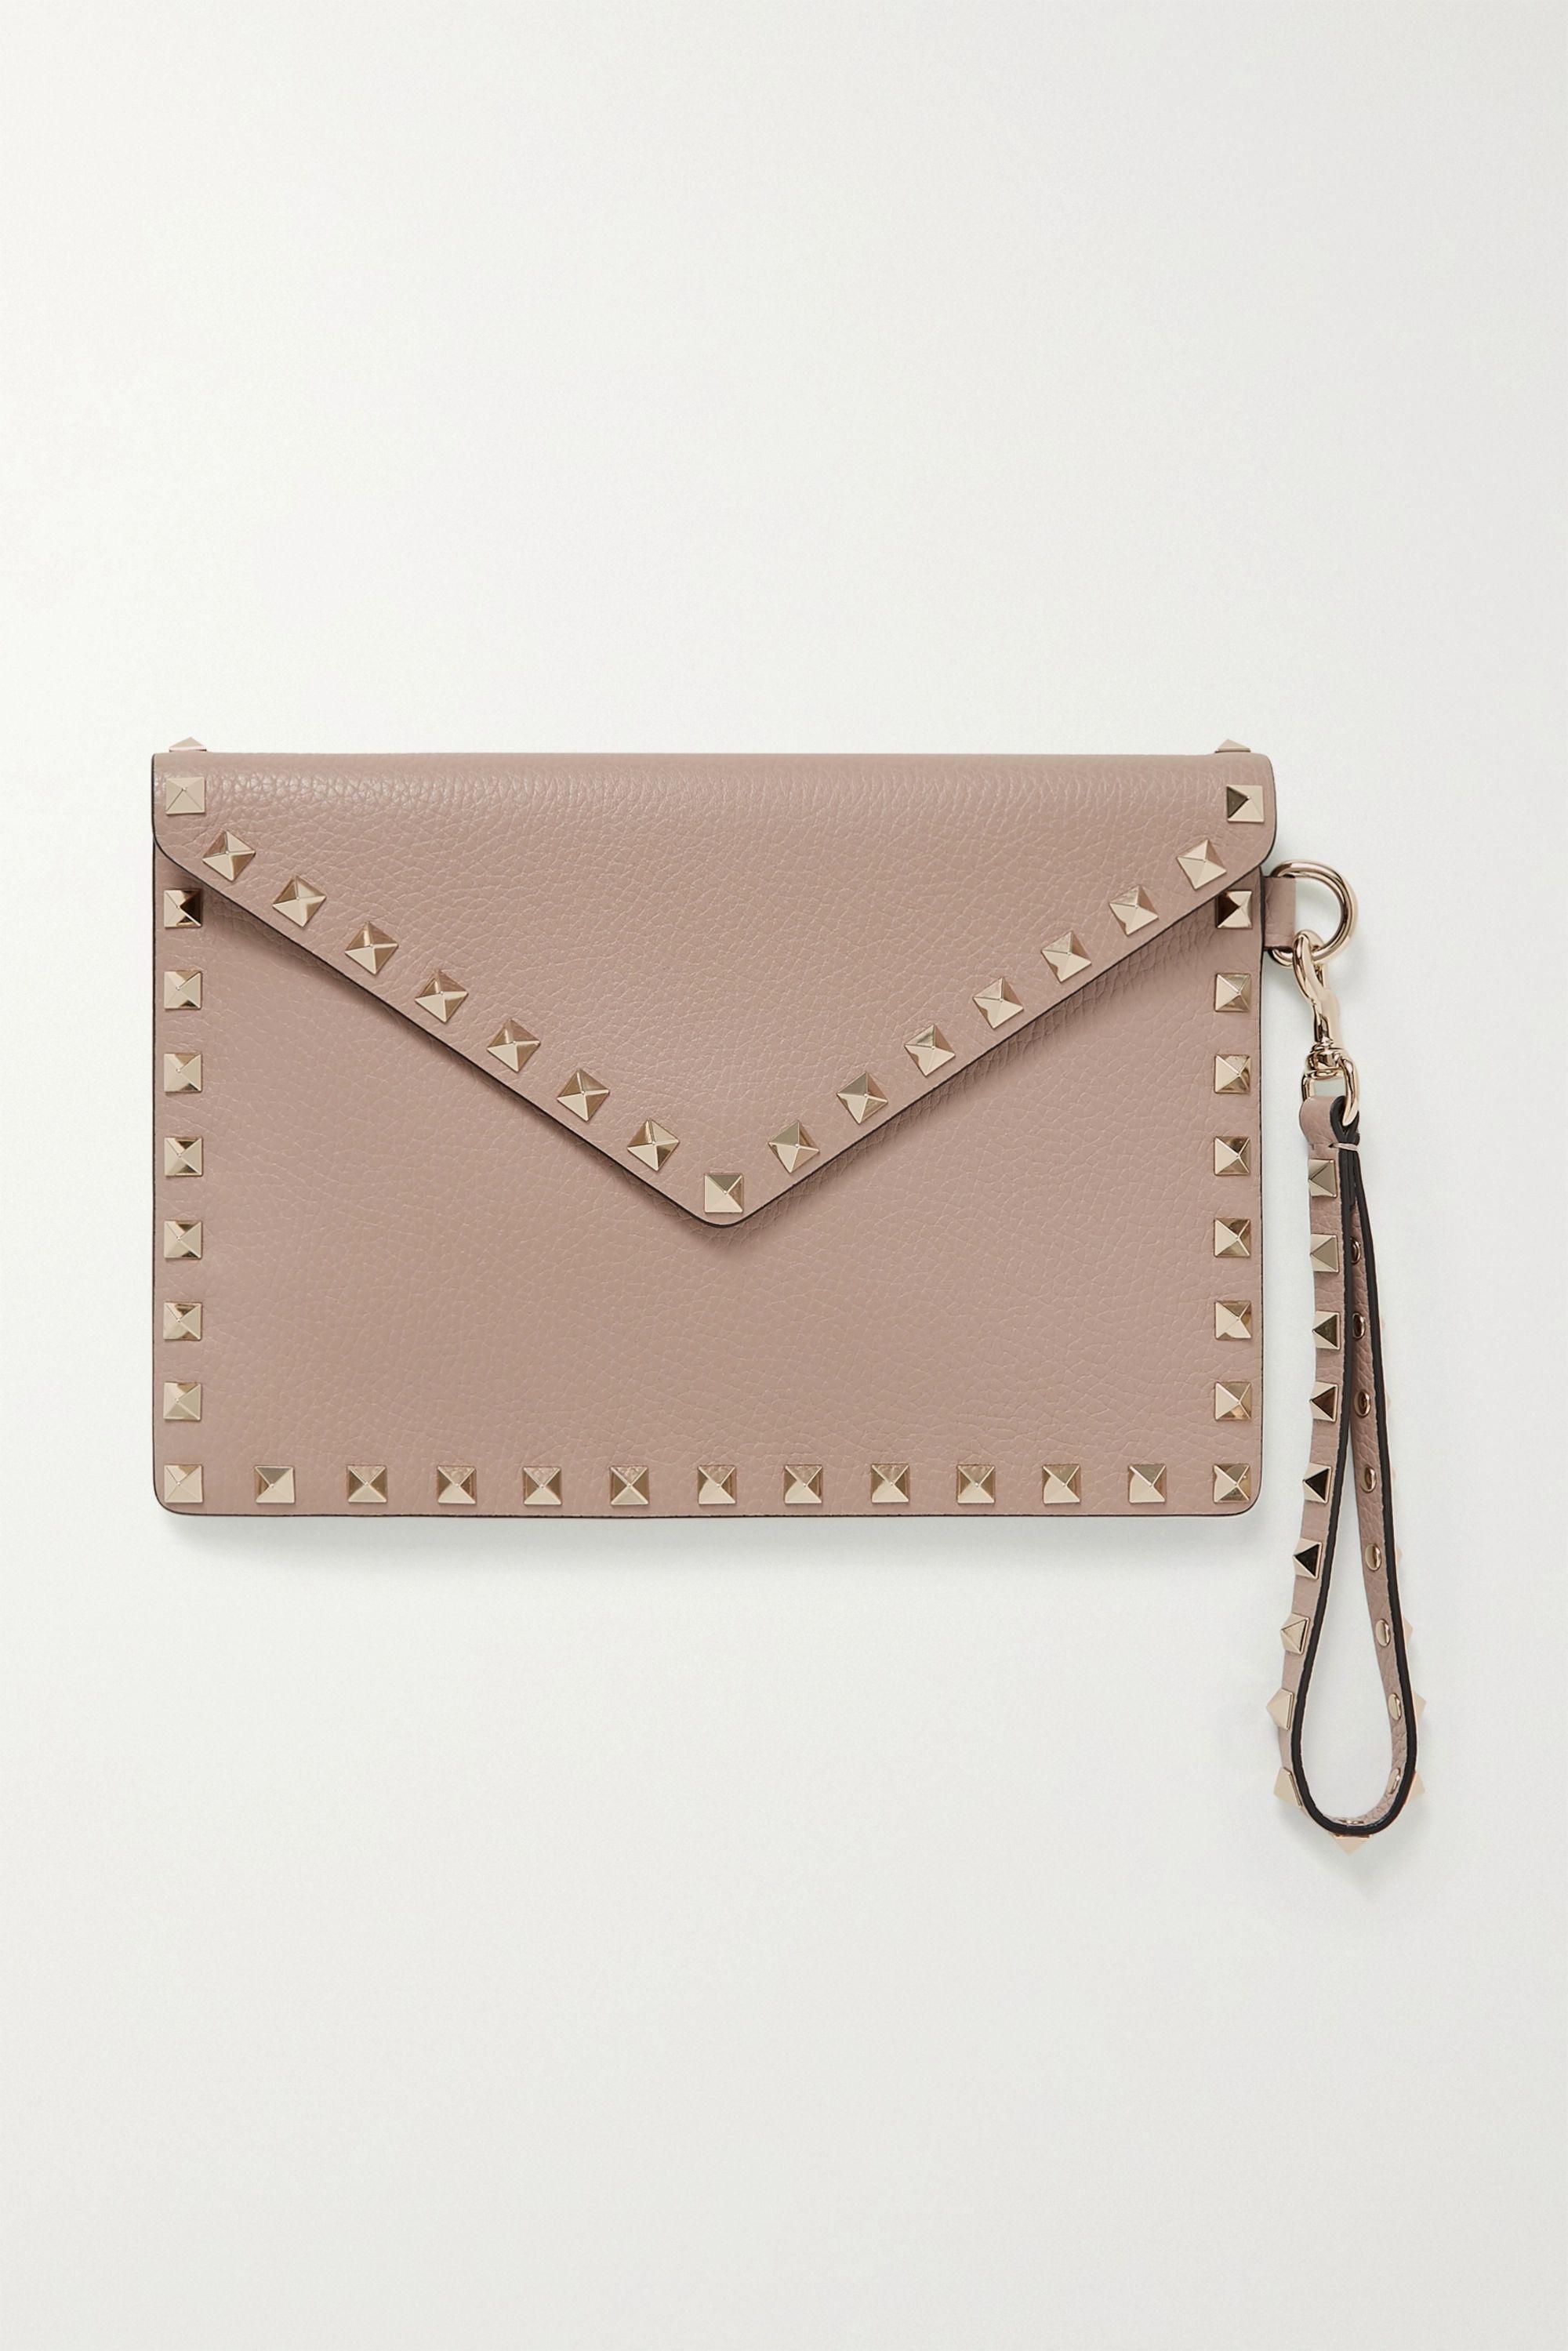 Valentino Valentino Garavani Rockstud textured-leather pouch